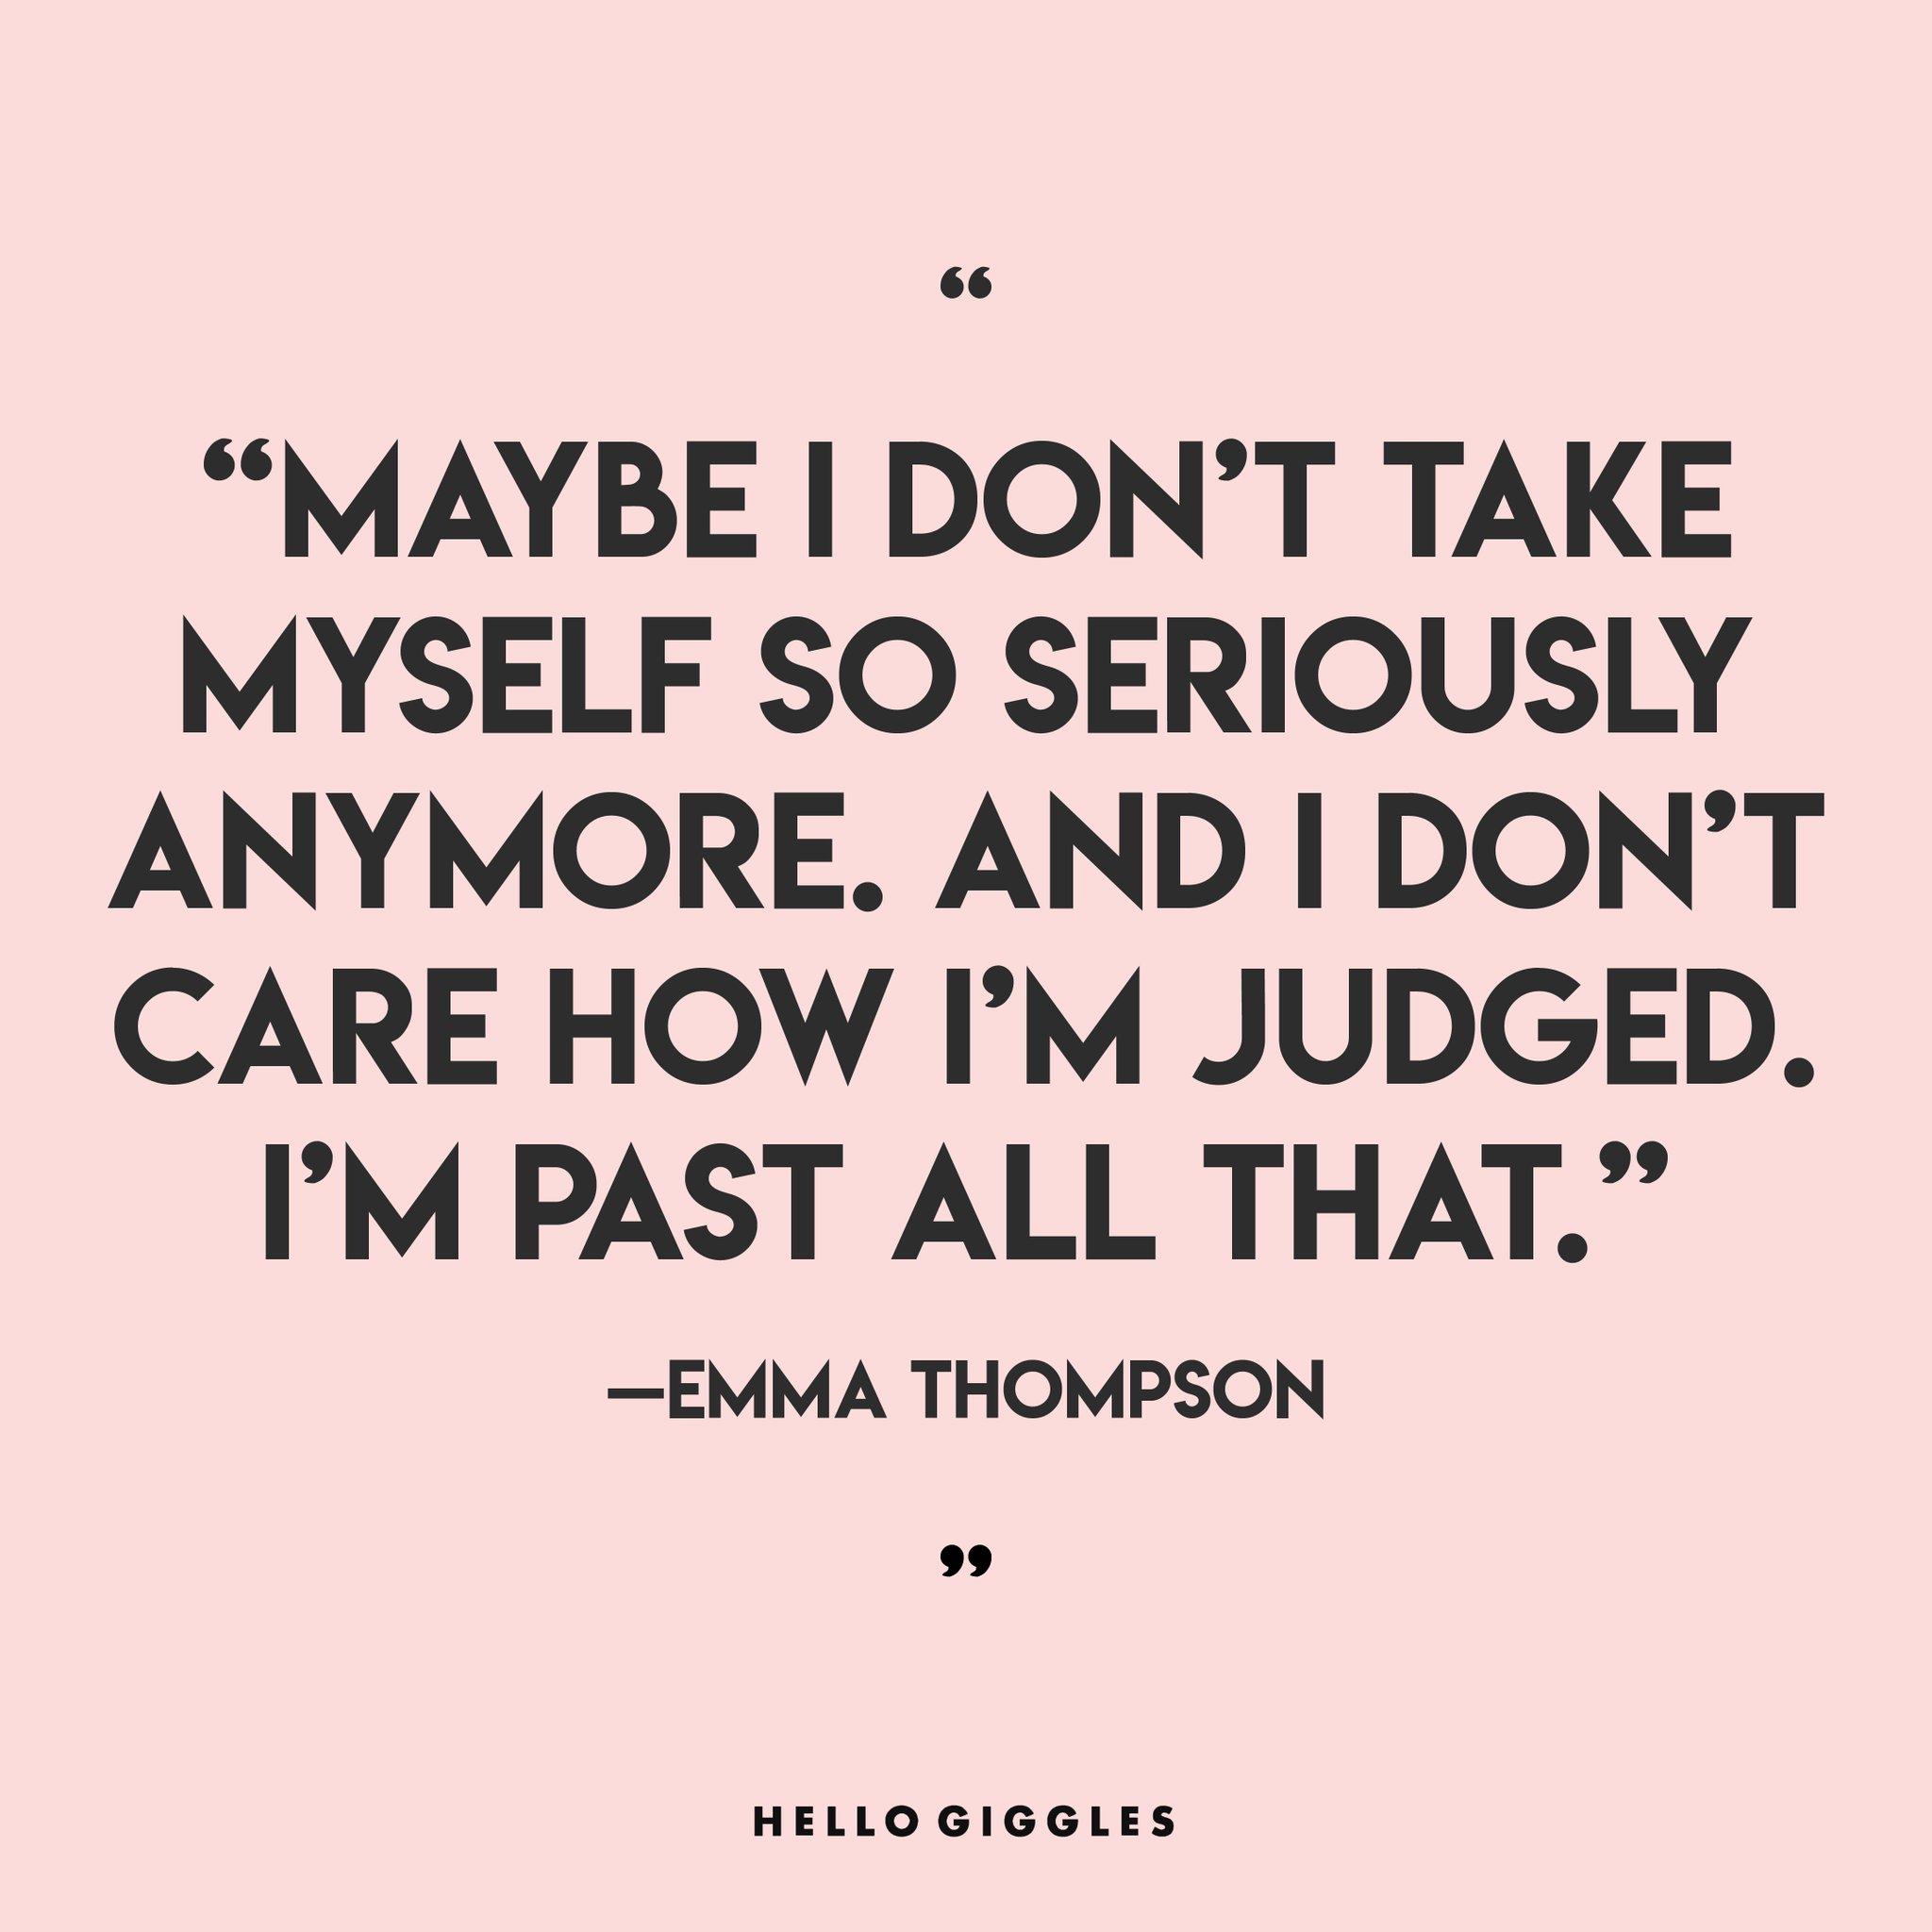 Happy birthday, Emma Thompson